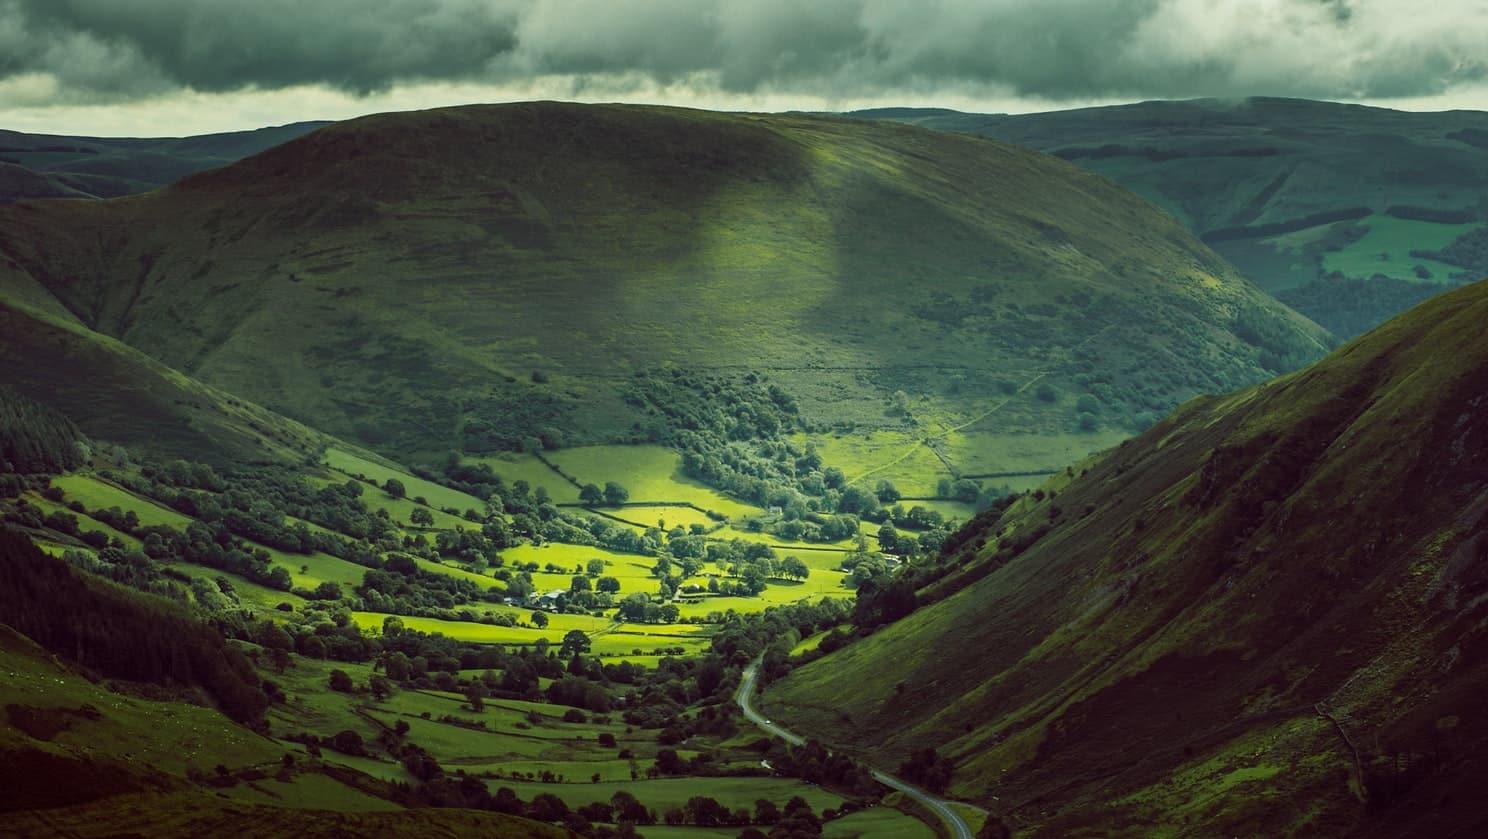 Pays de Galles montagne nature routes vert